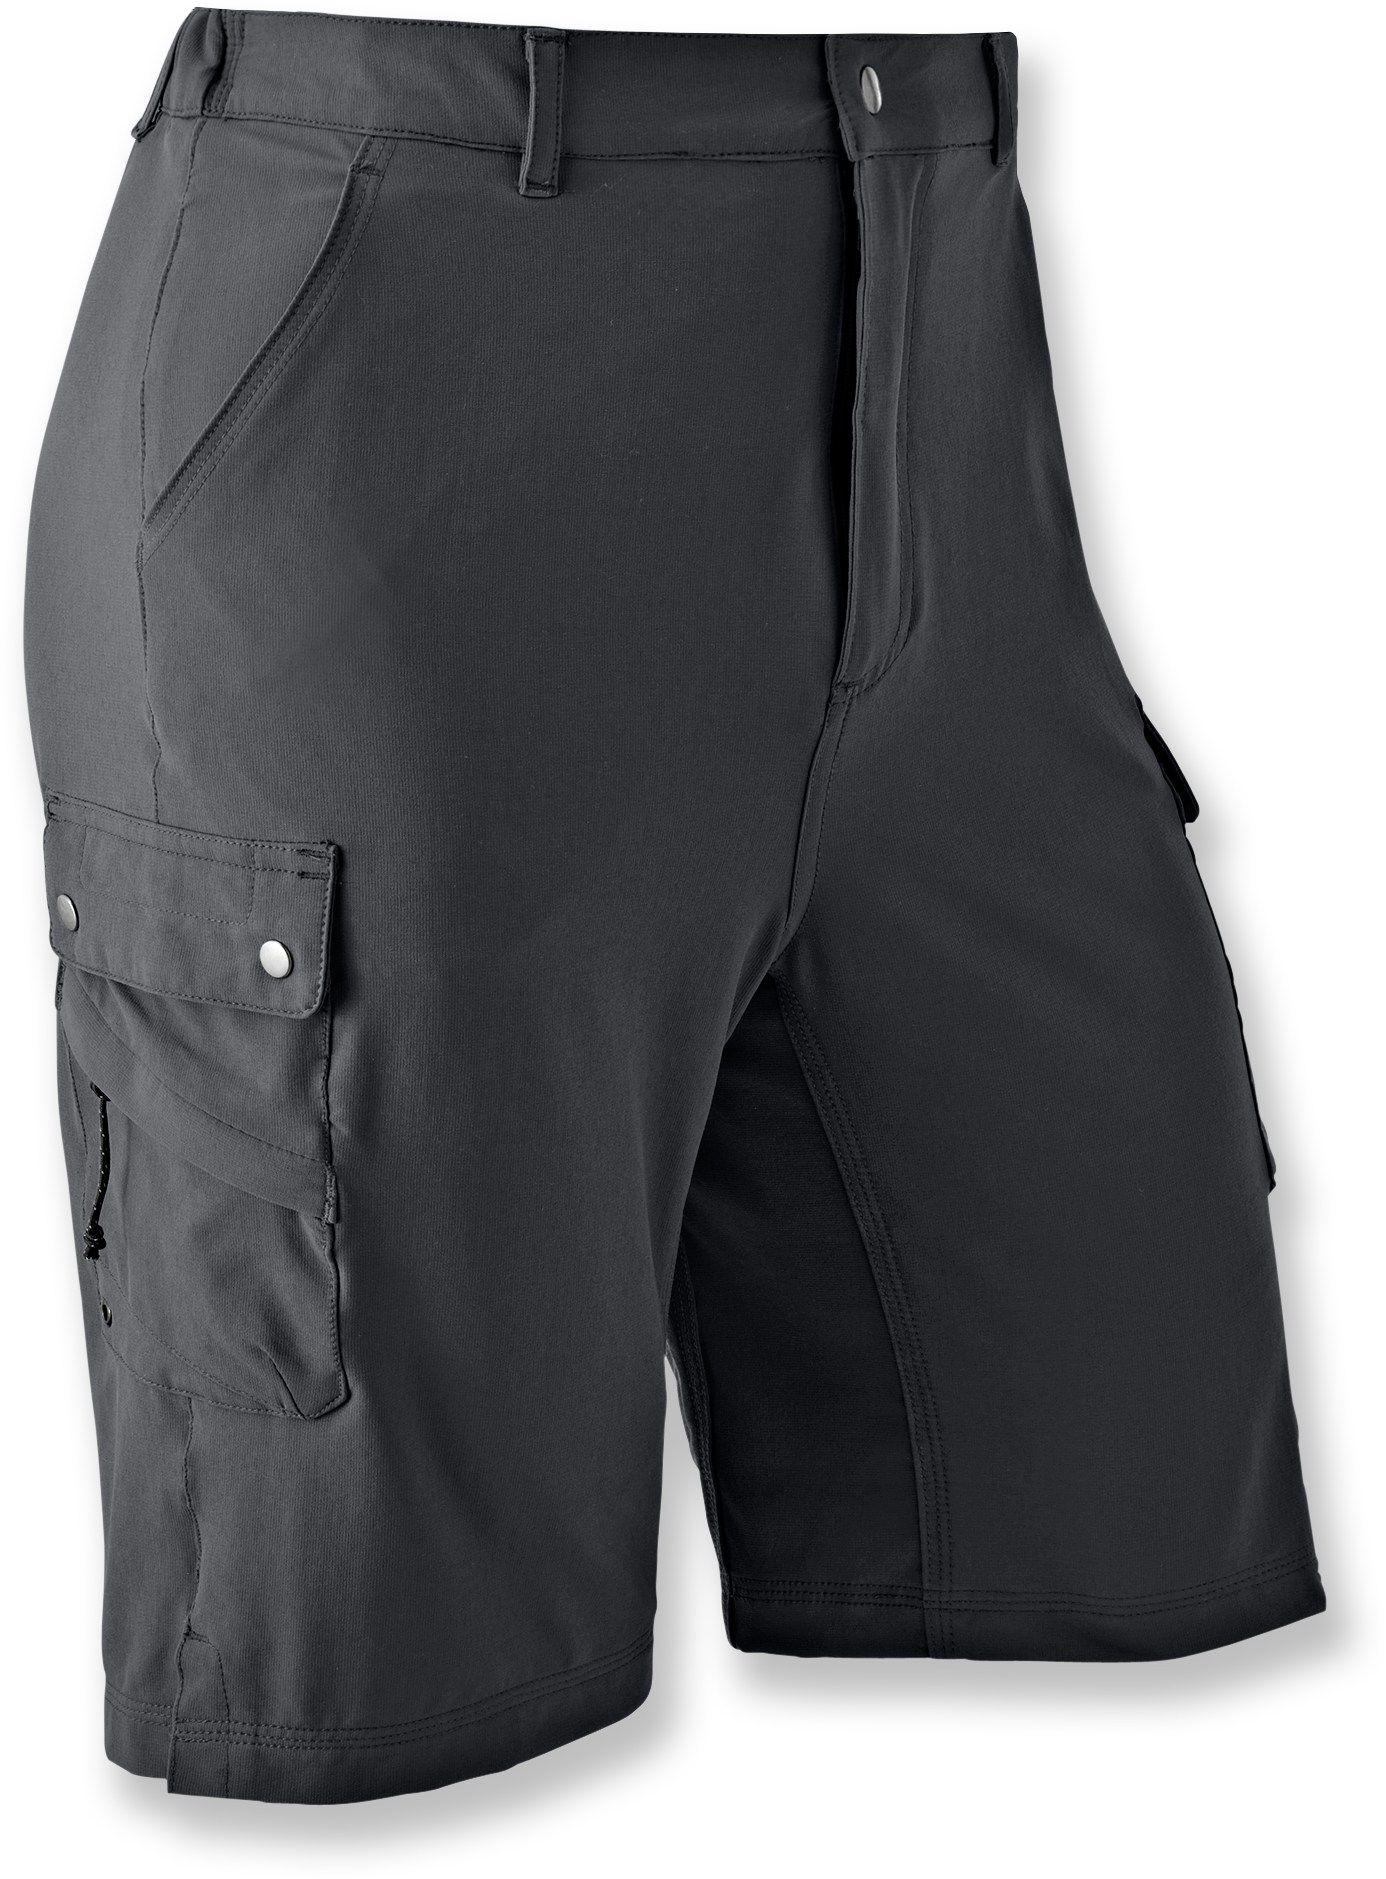 c6af002996 Novara Metro Gel Double Bike Shorts - Men's - Free Shipping at REI.com